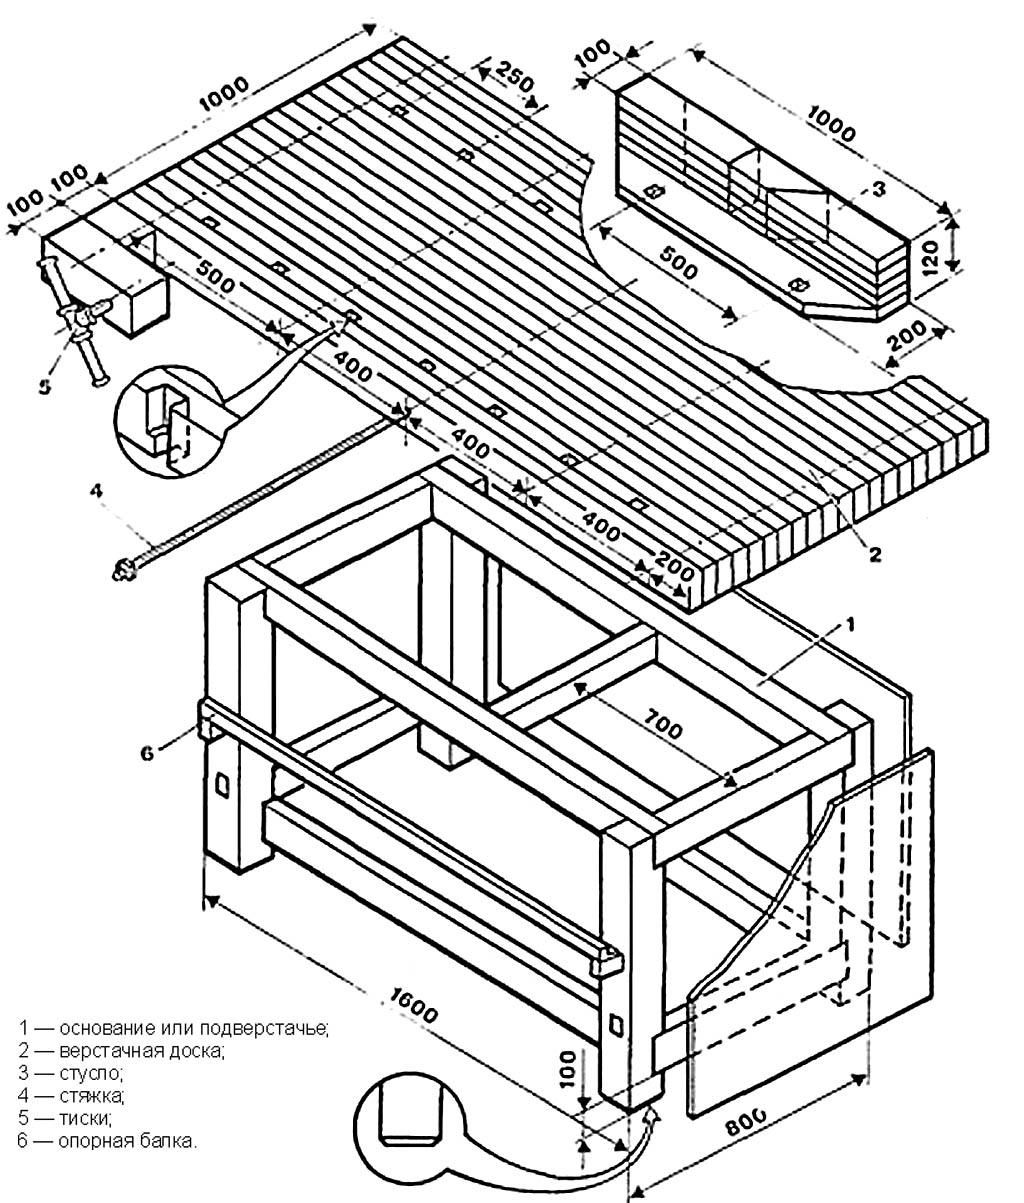 Конструкция цельнодеревянного верстака